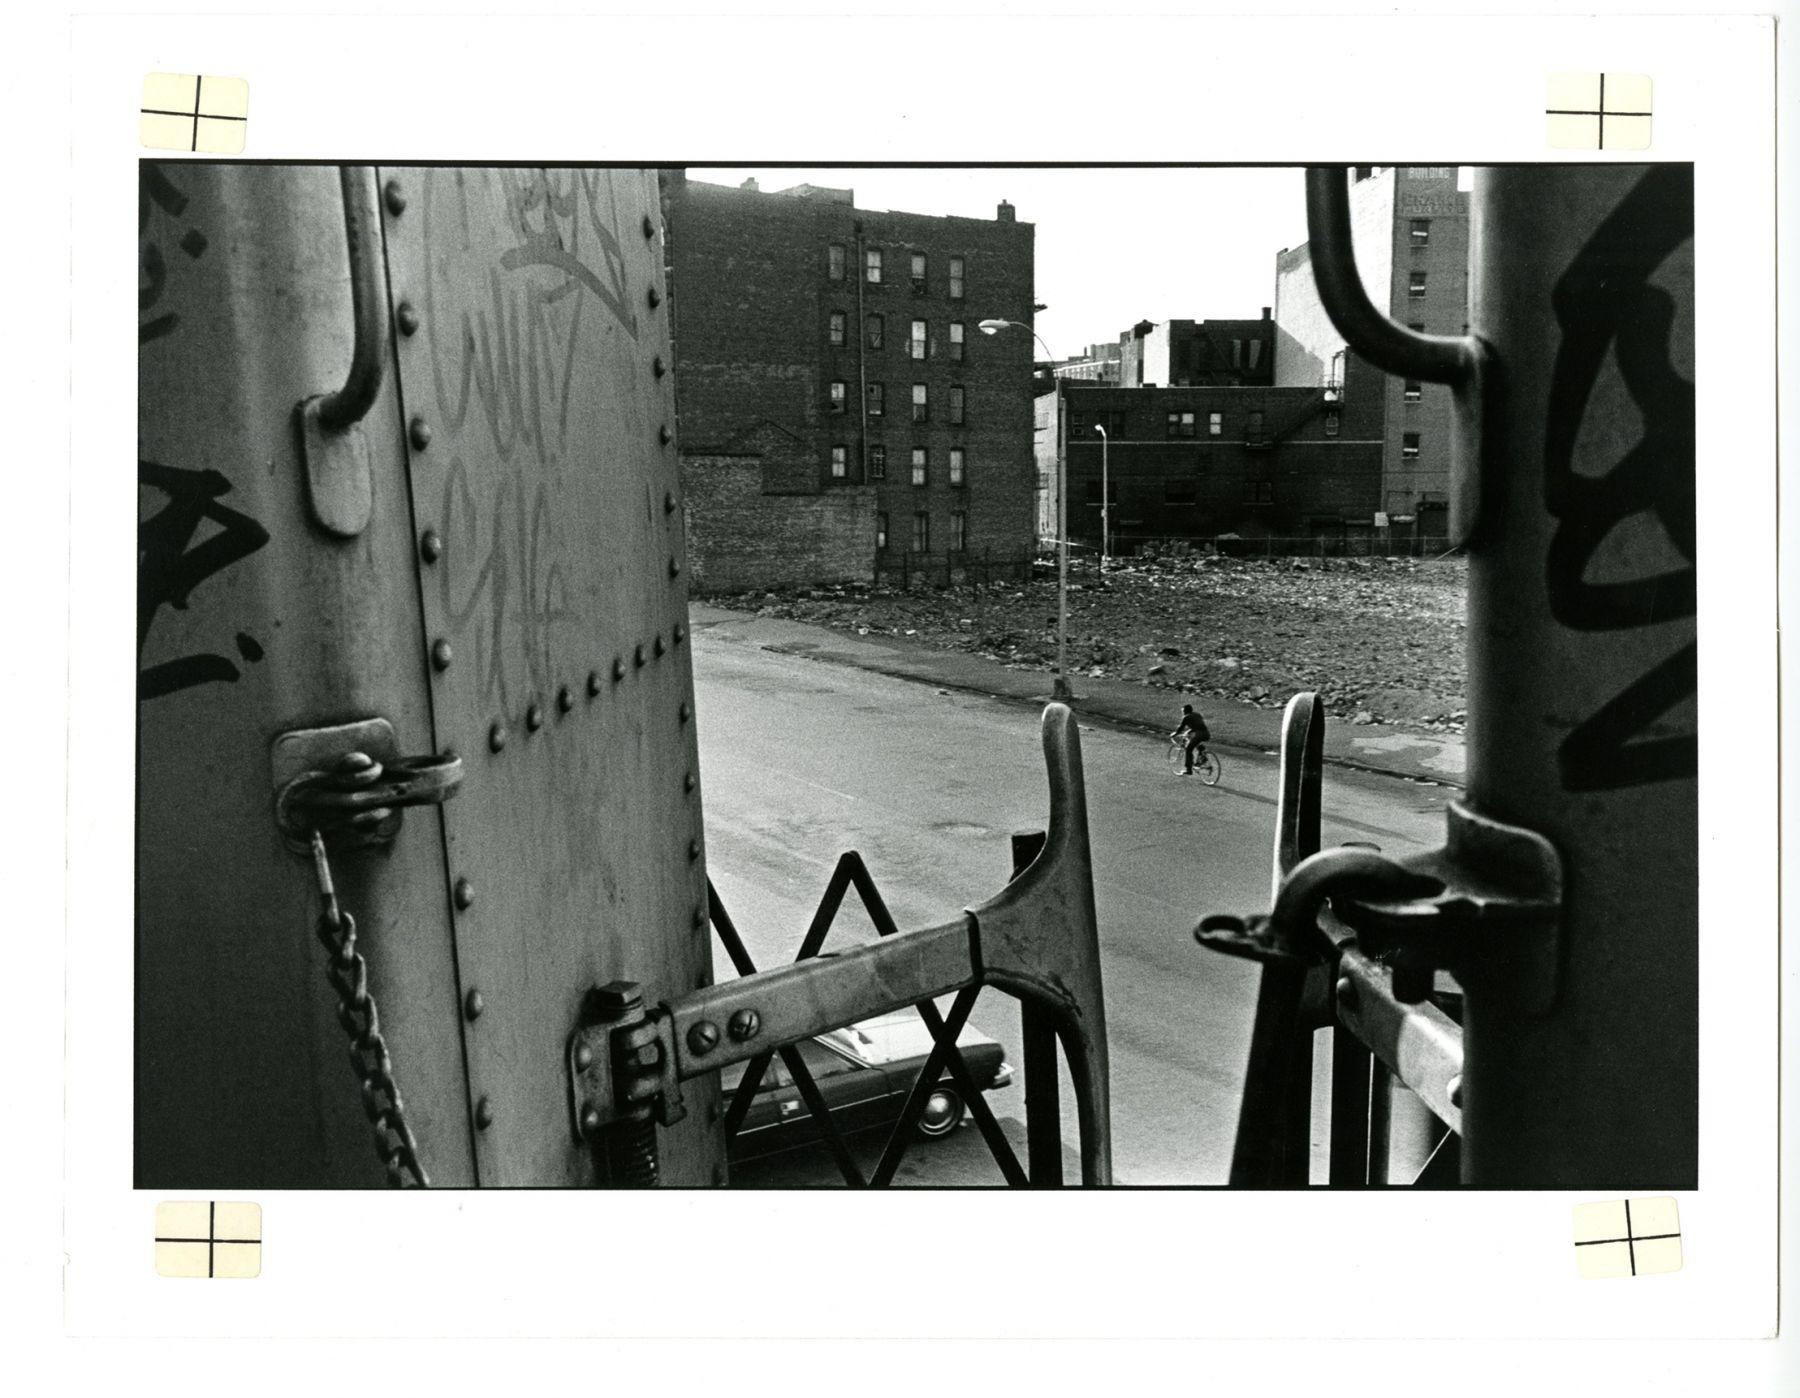 Copyright Danny Lyon / Magnum Photos, IRT 2 South Bronx, 1980